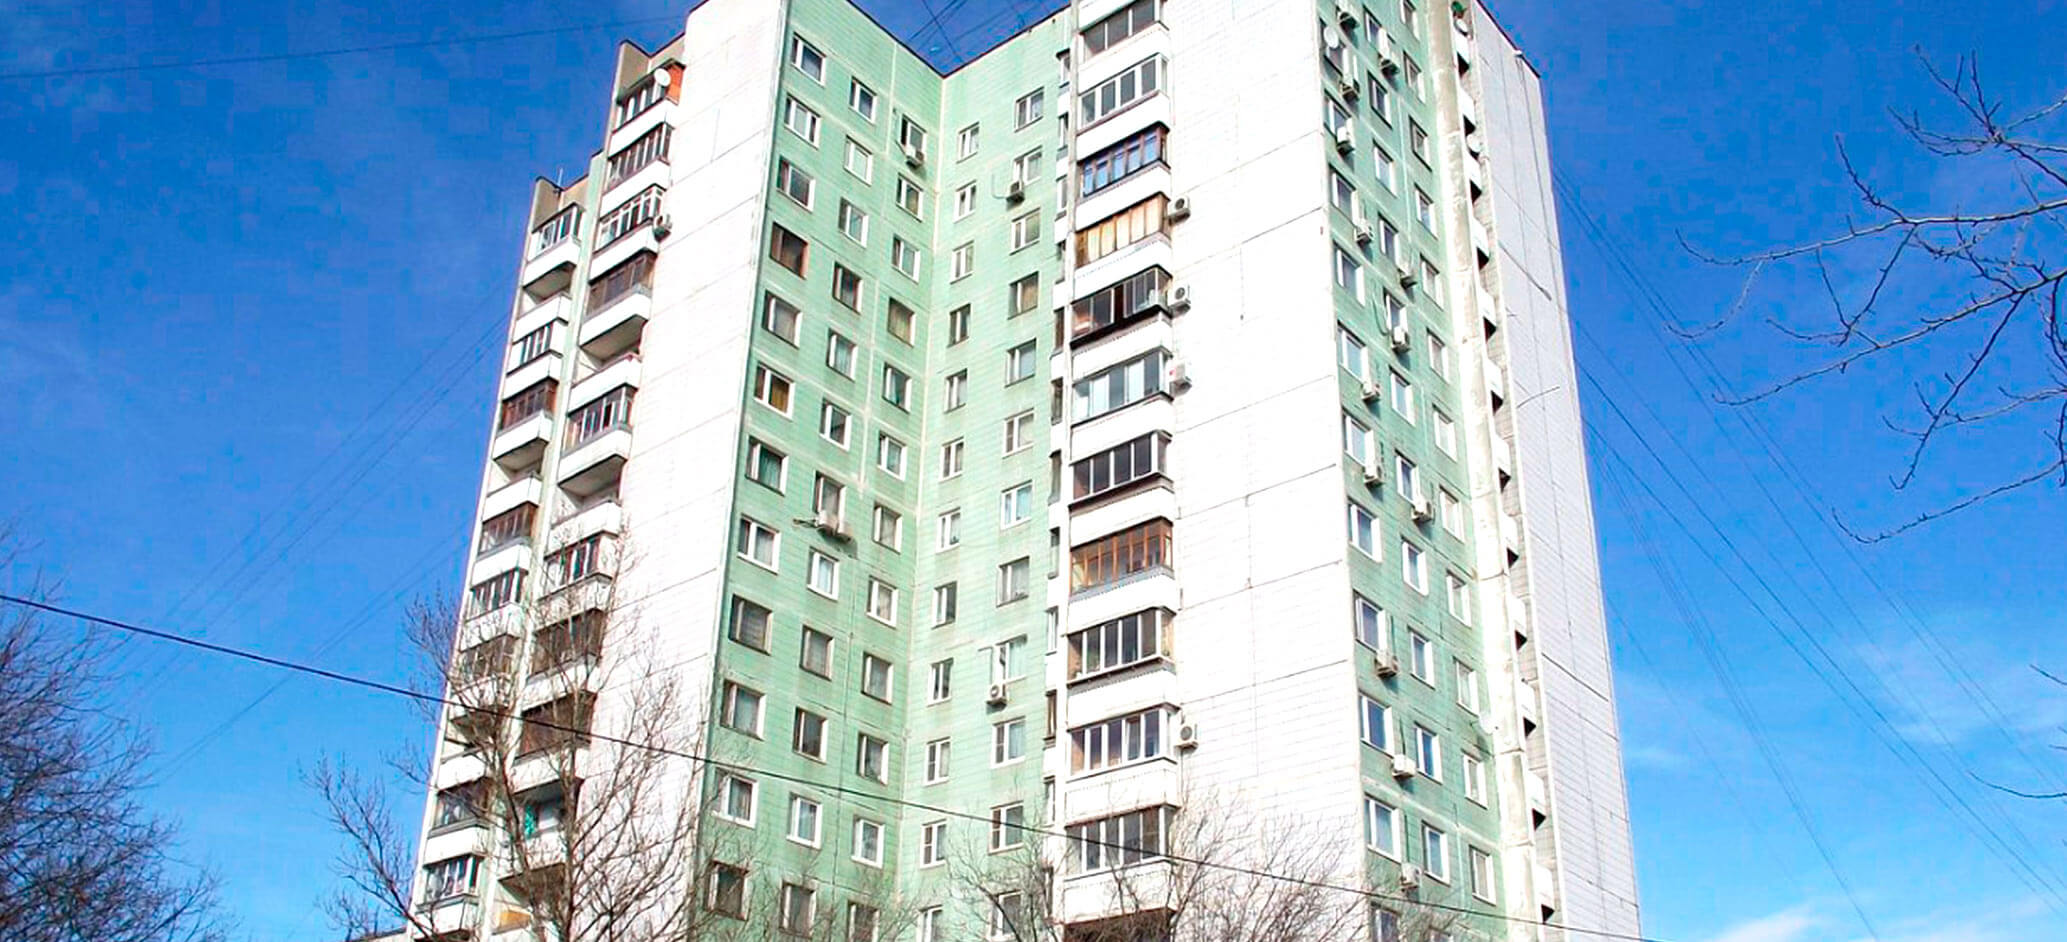 Фото дома серии П 42 в Москве, фото полностью, бело зеленое здание